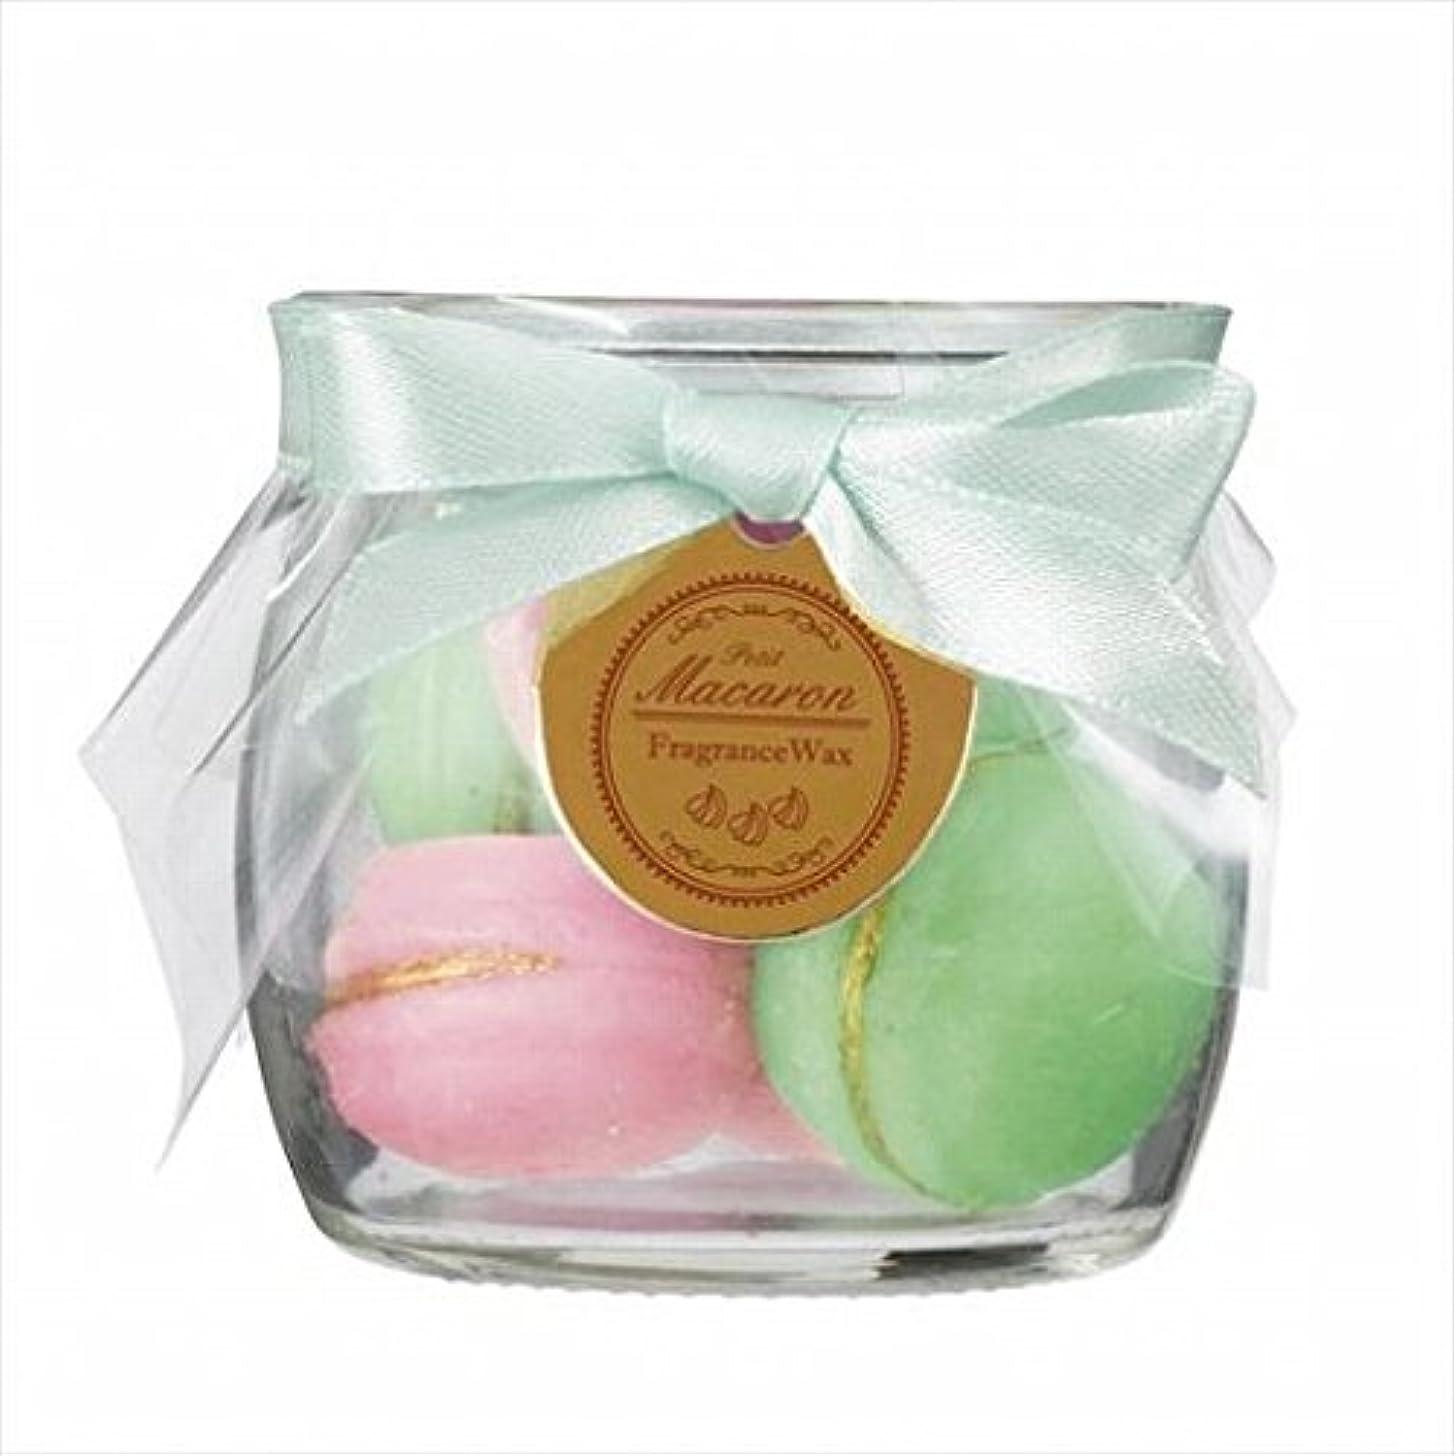 罪悪感動的講師sweets candle(スイーツキャンドル) プチマカロンフレグランス 「 レモン 」 キャンドル 60x60x56mm (A3160530)